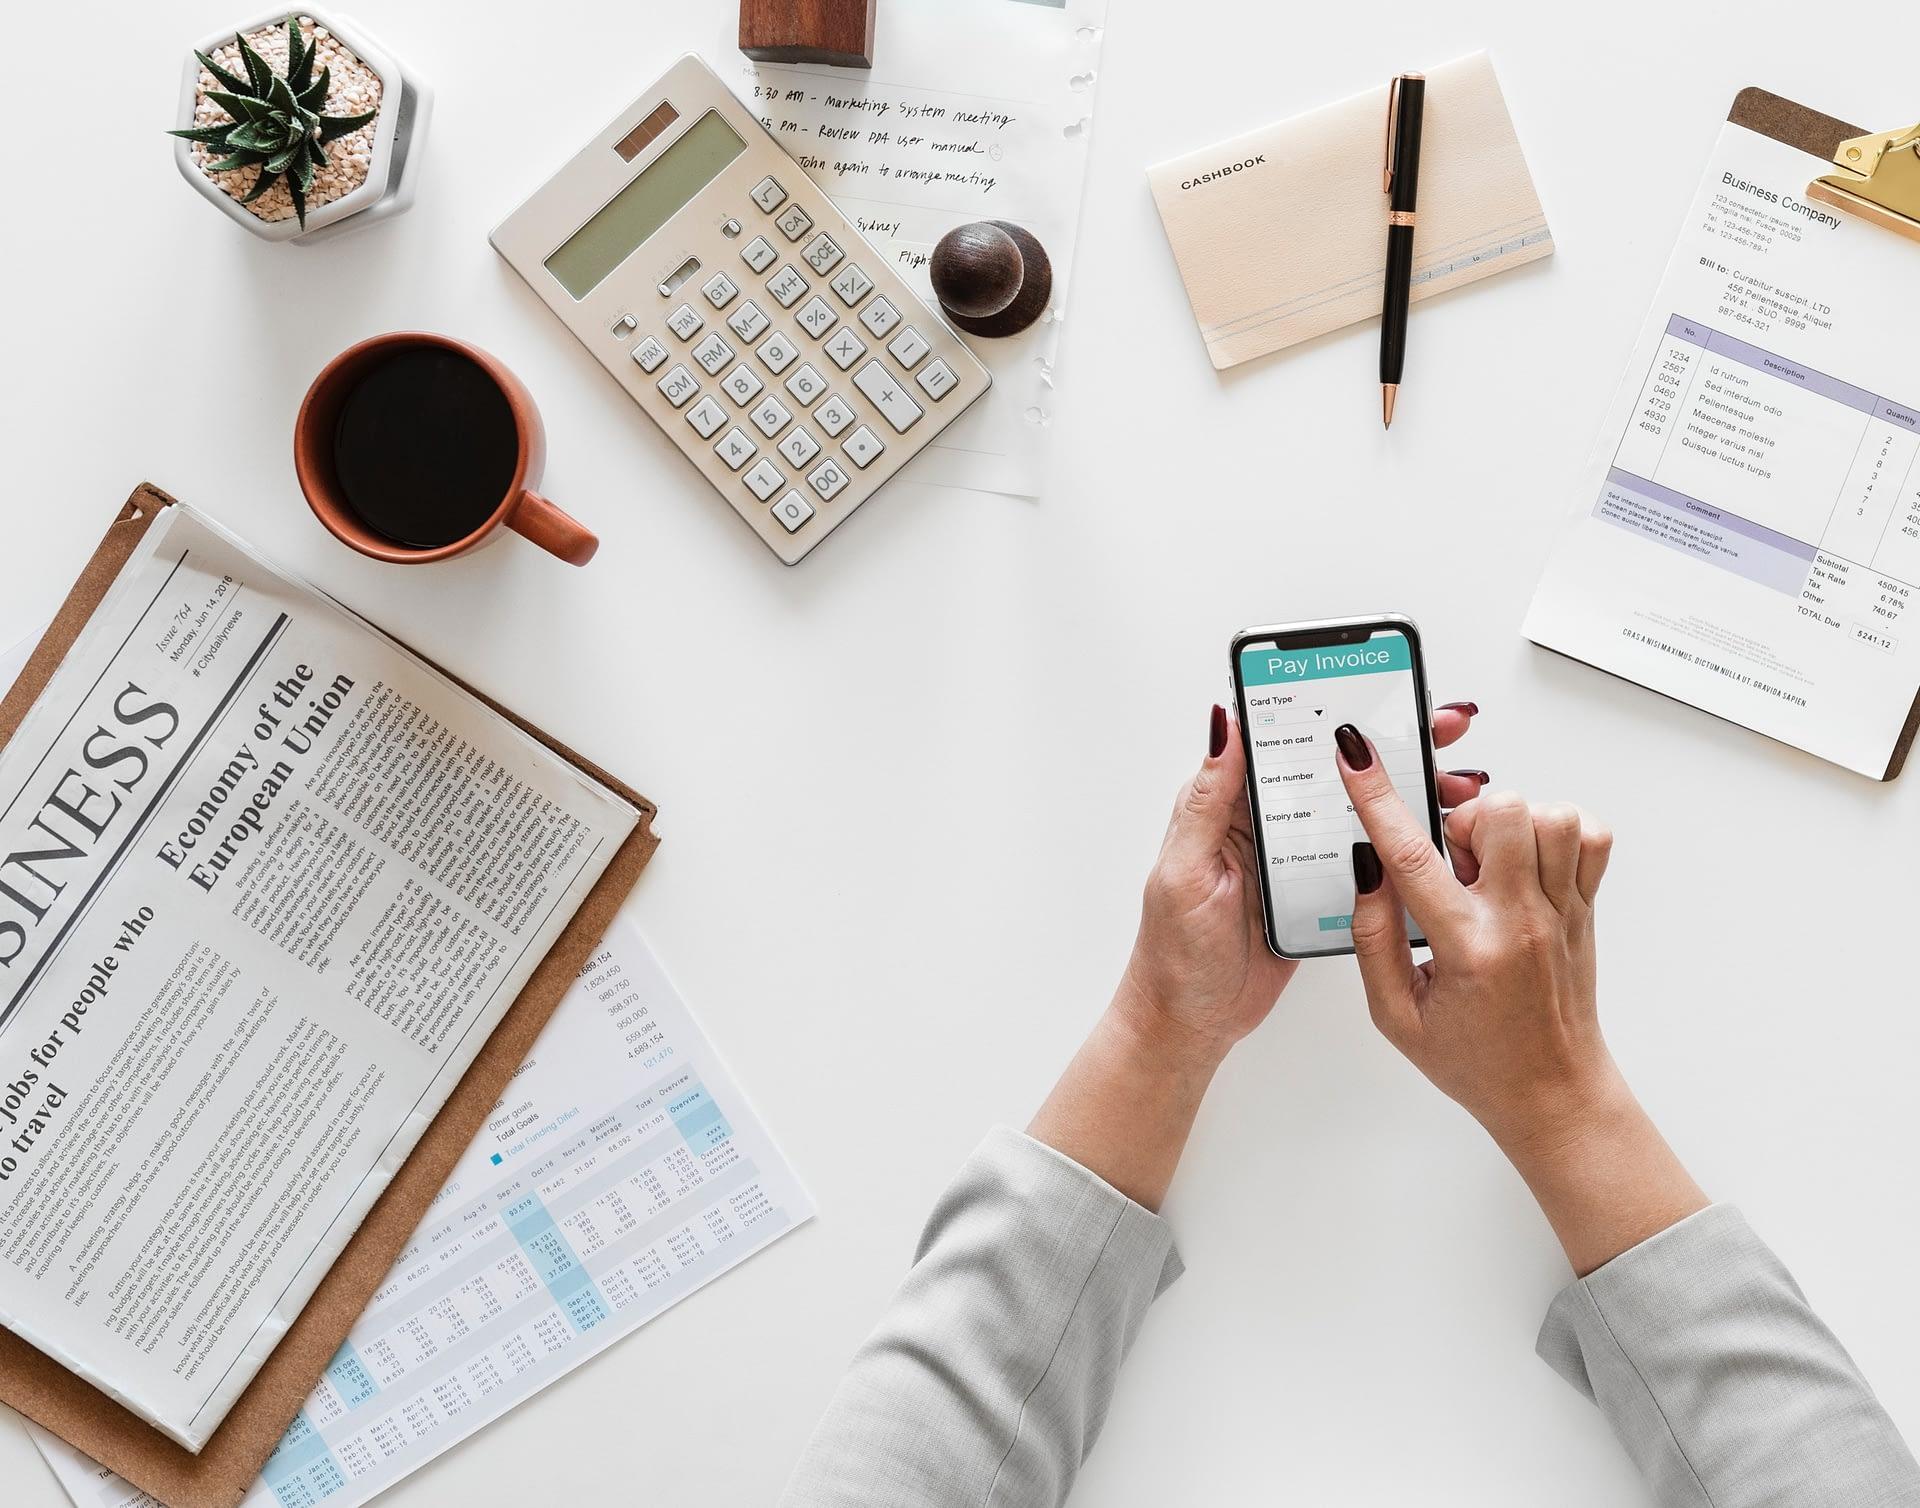 3 Saving Tips for Online Shopping